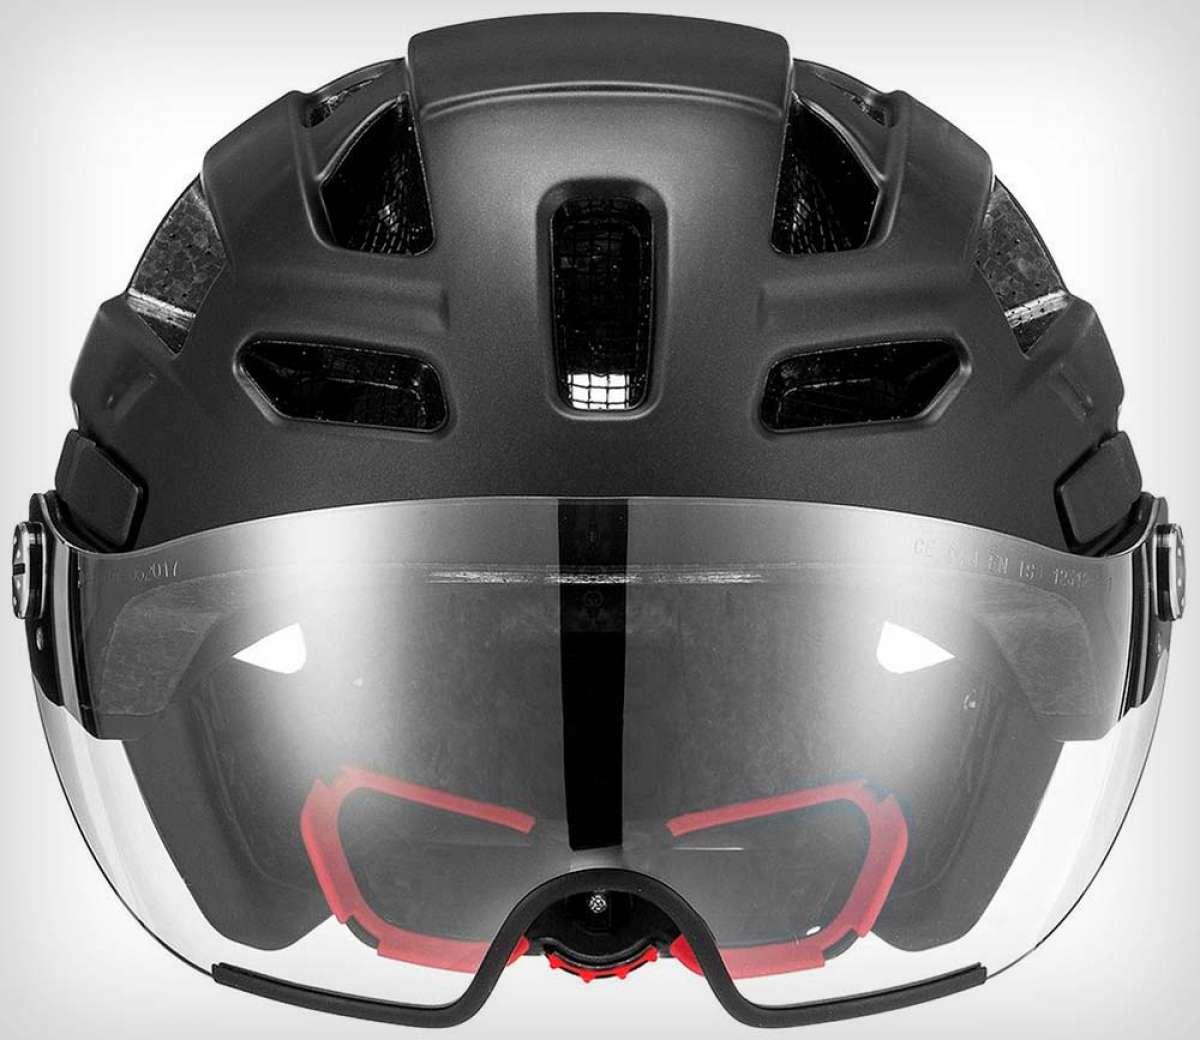 Uvex Finale Visor, un interesante casco con visor integrado para pedalear por la ciudad